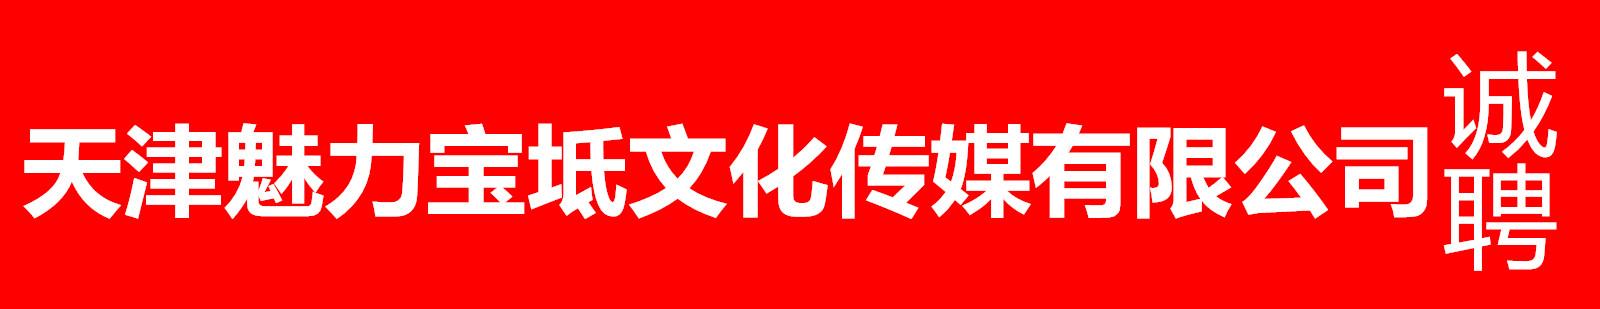 天津魅力��坻文化�髅接邢薰�司